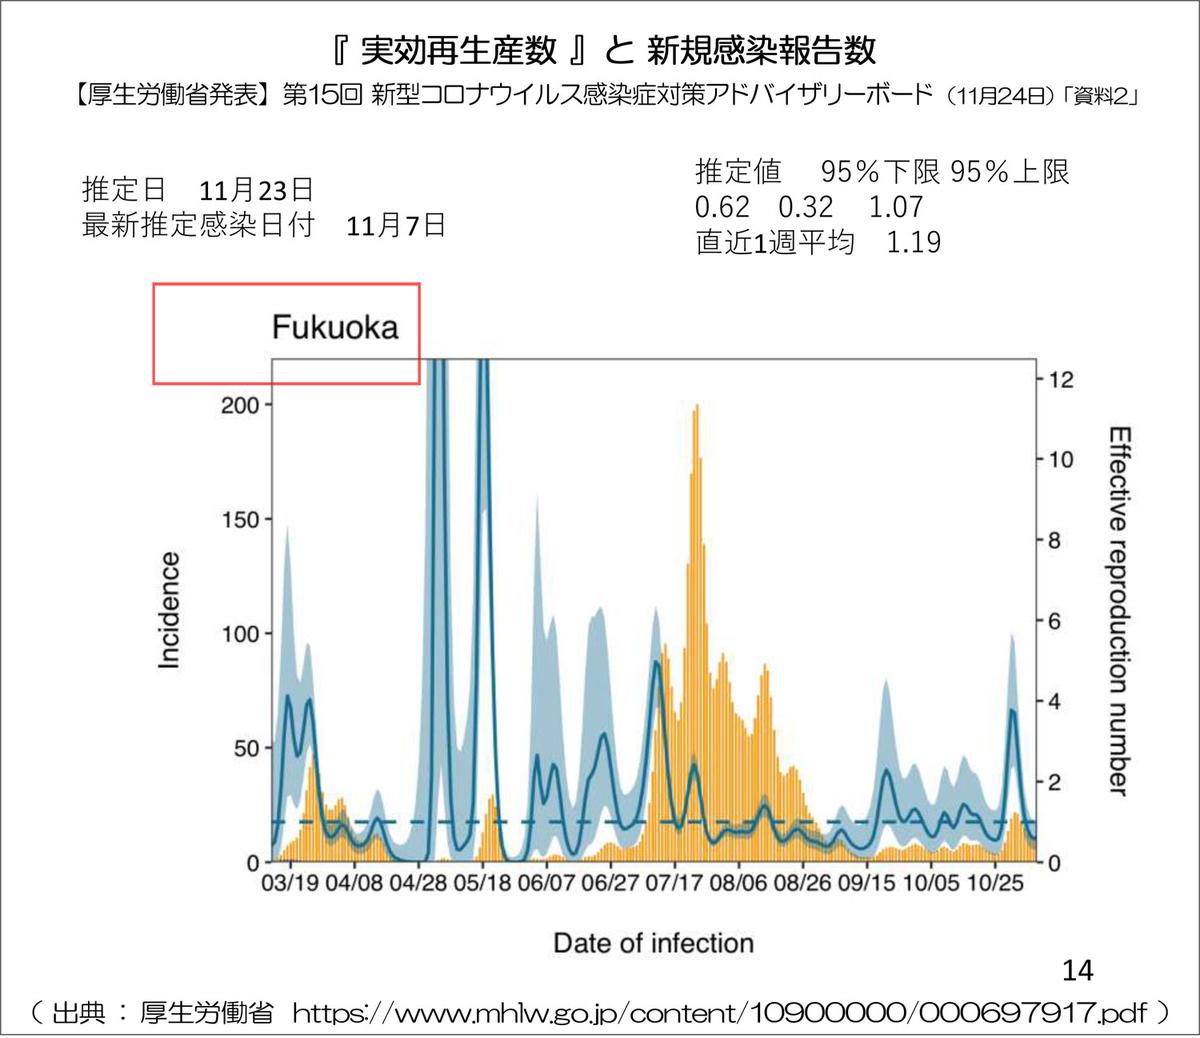 f:id:youkaidaimaou:20201126145840j:plain